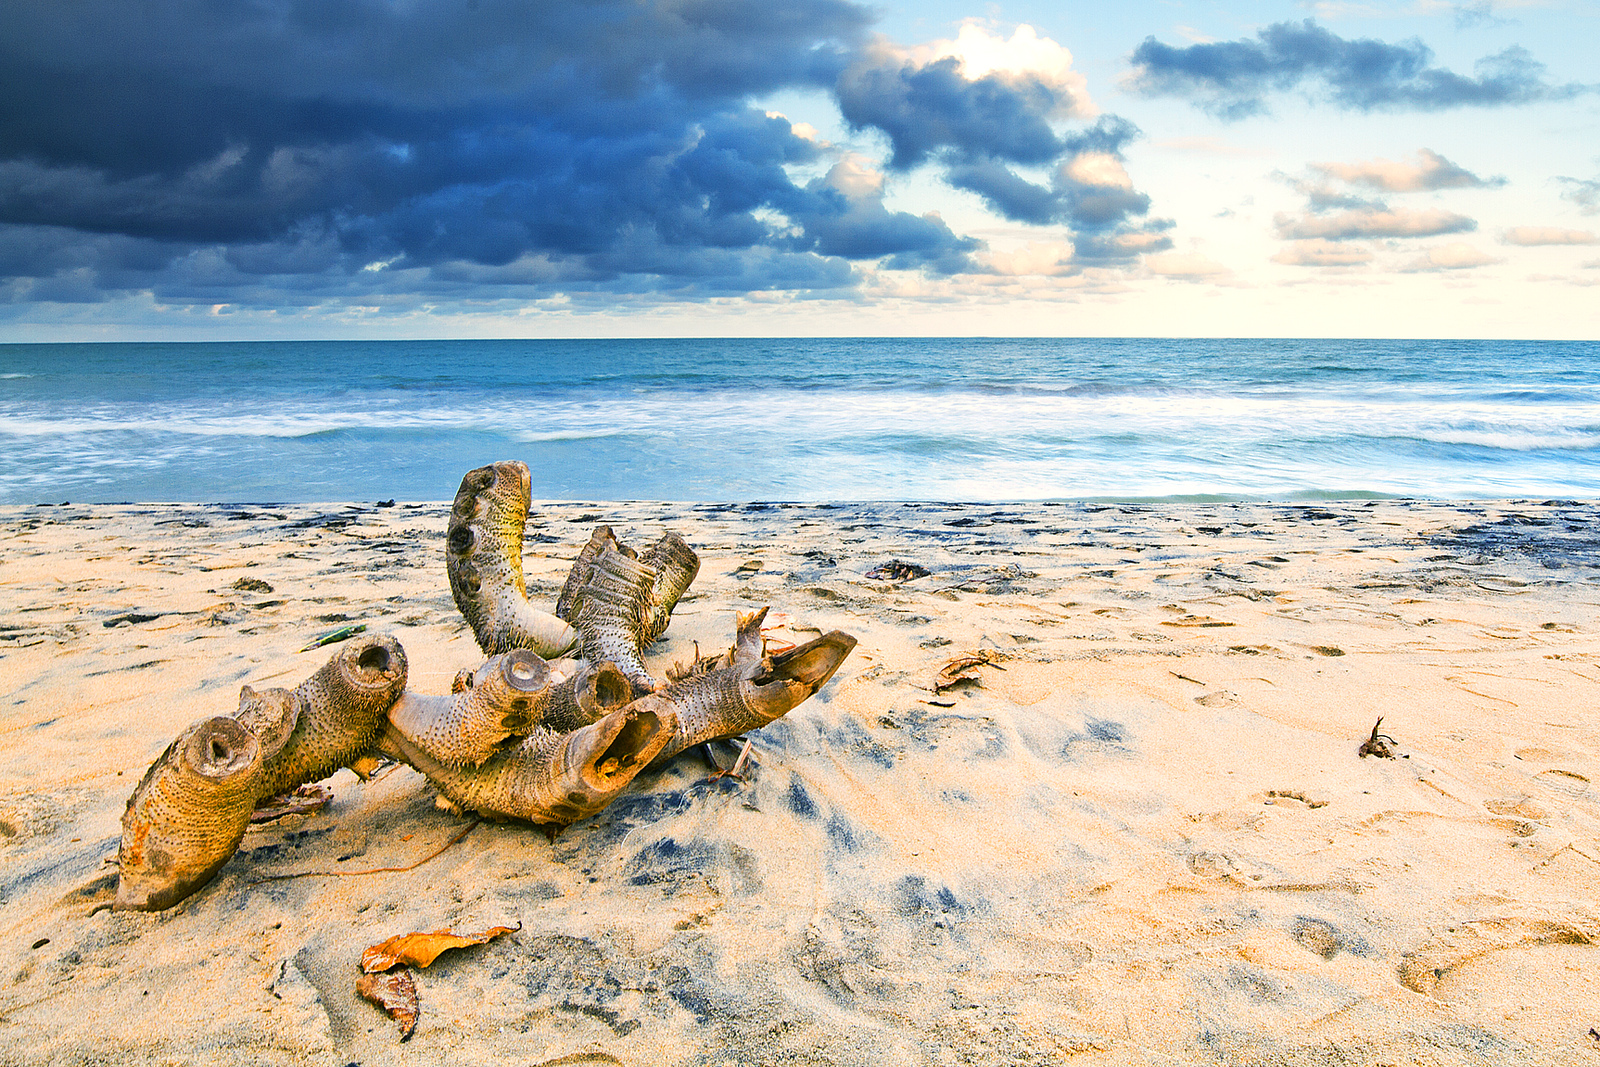 Sur la plage de Mahanoro Madagascar - Flickr Teza Harinaivo Ramiandris